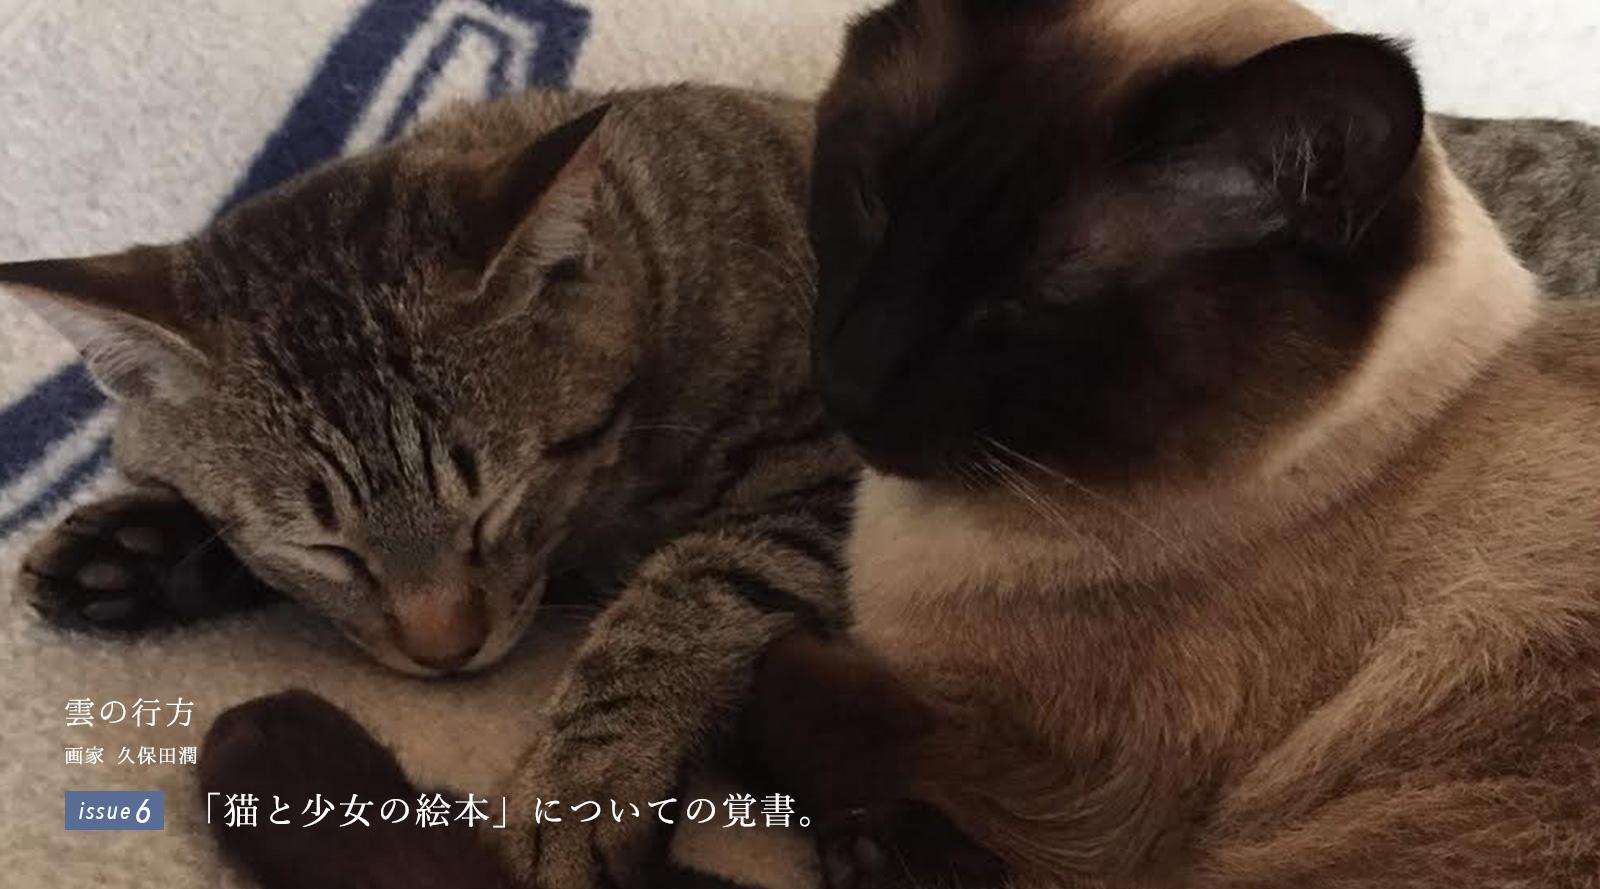 「猫と少女の絵本」についての覚書。